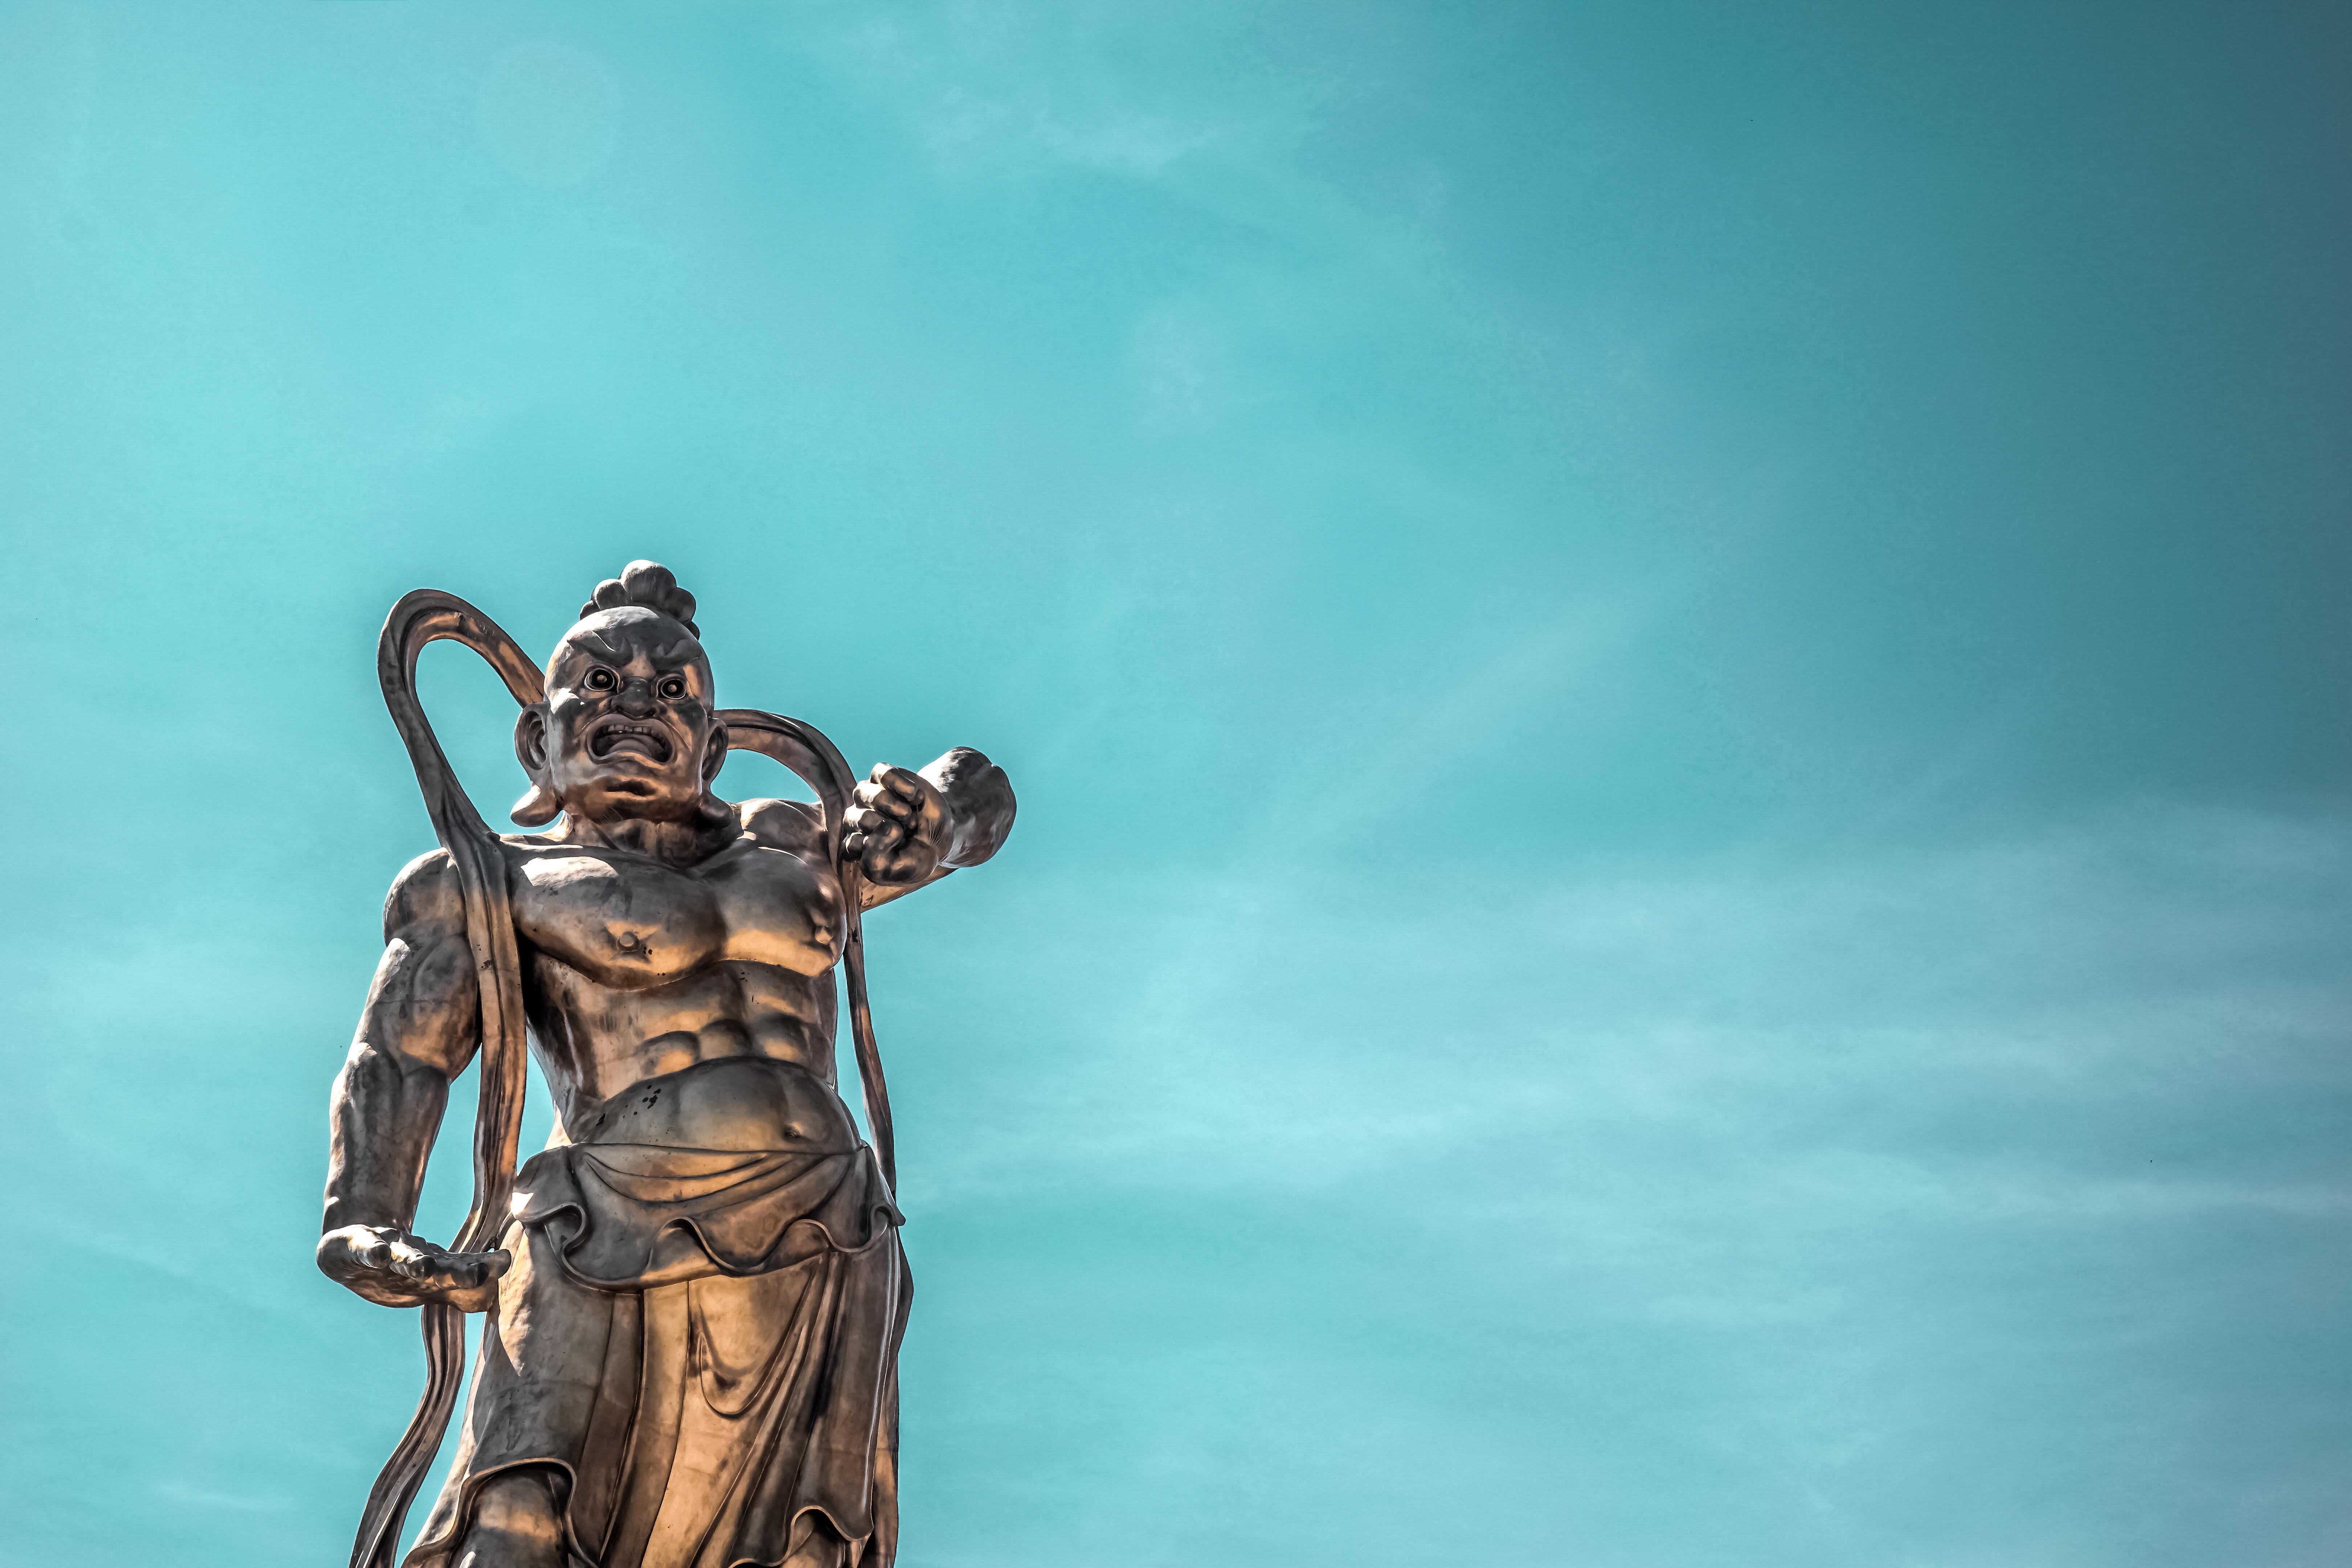 Images Gratuites Monument Statue Chinois Sculpture Temple Capture D Ecran Fond D Ecran Du Bureau Ordinateur Papier Peint 6480x4320 812367 Banque D Image Gratuite Pxhere